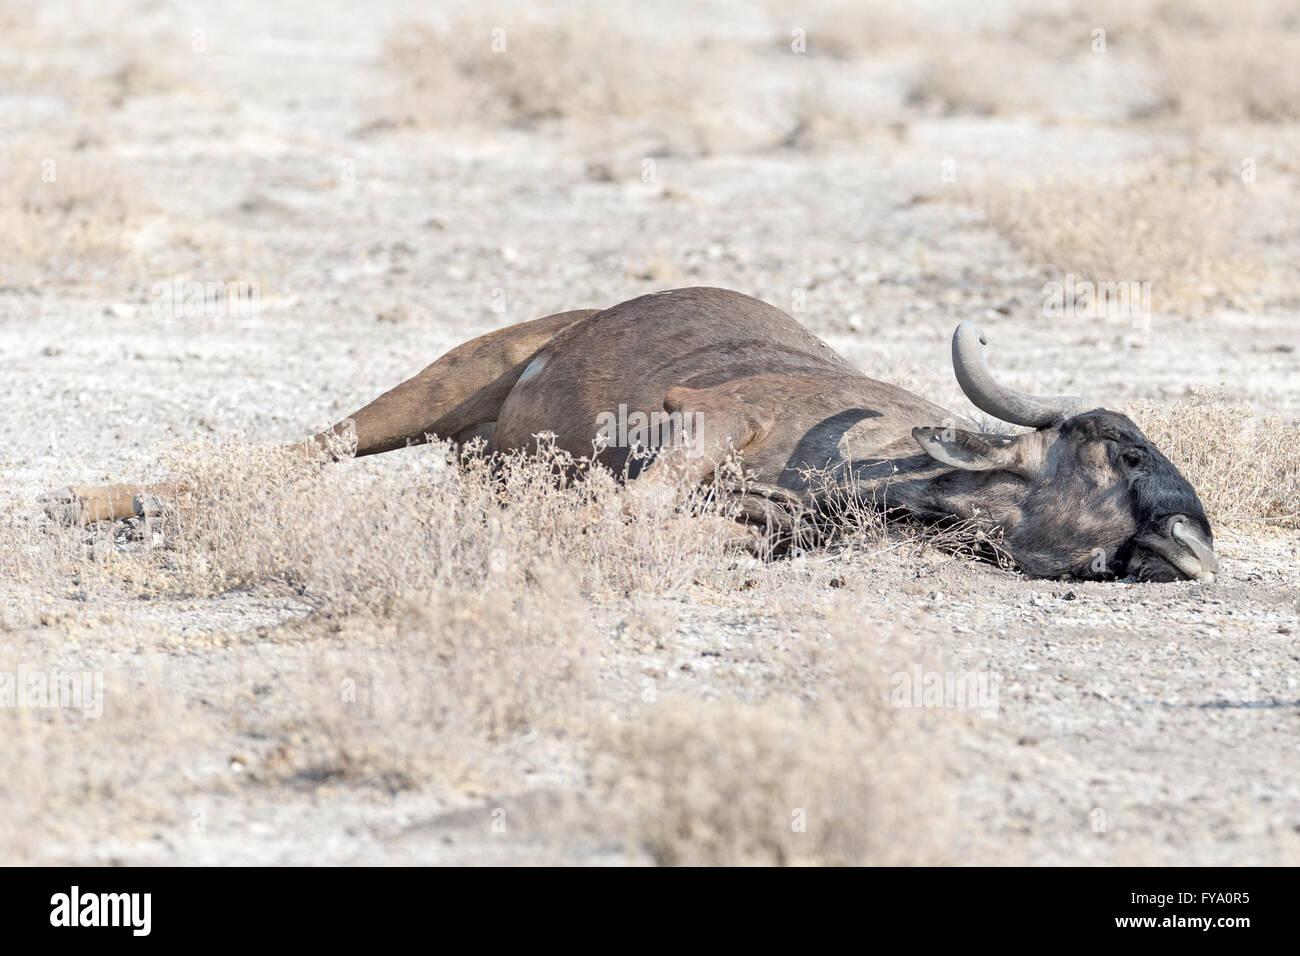 Blue Wildebeest lying down snoozing, Etosha National Park Namibia - Stock Image